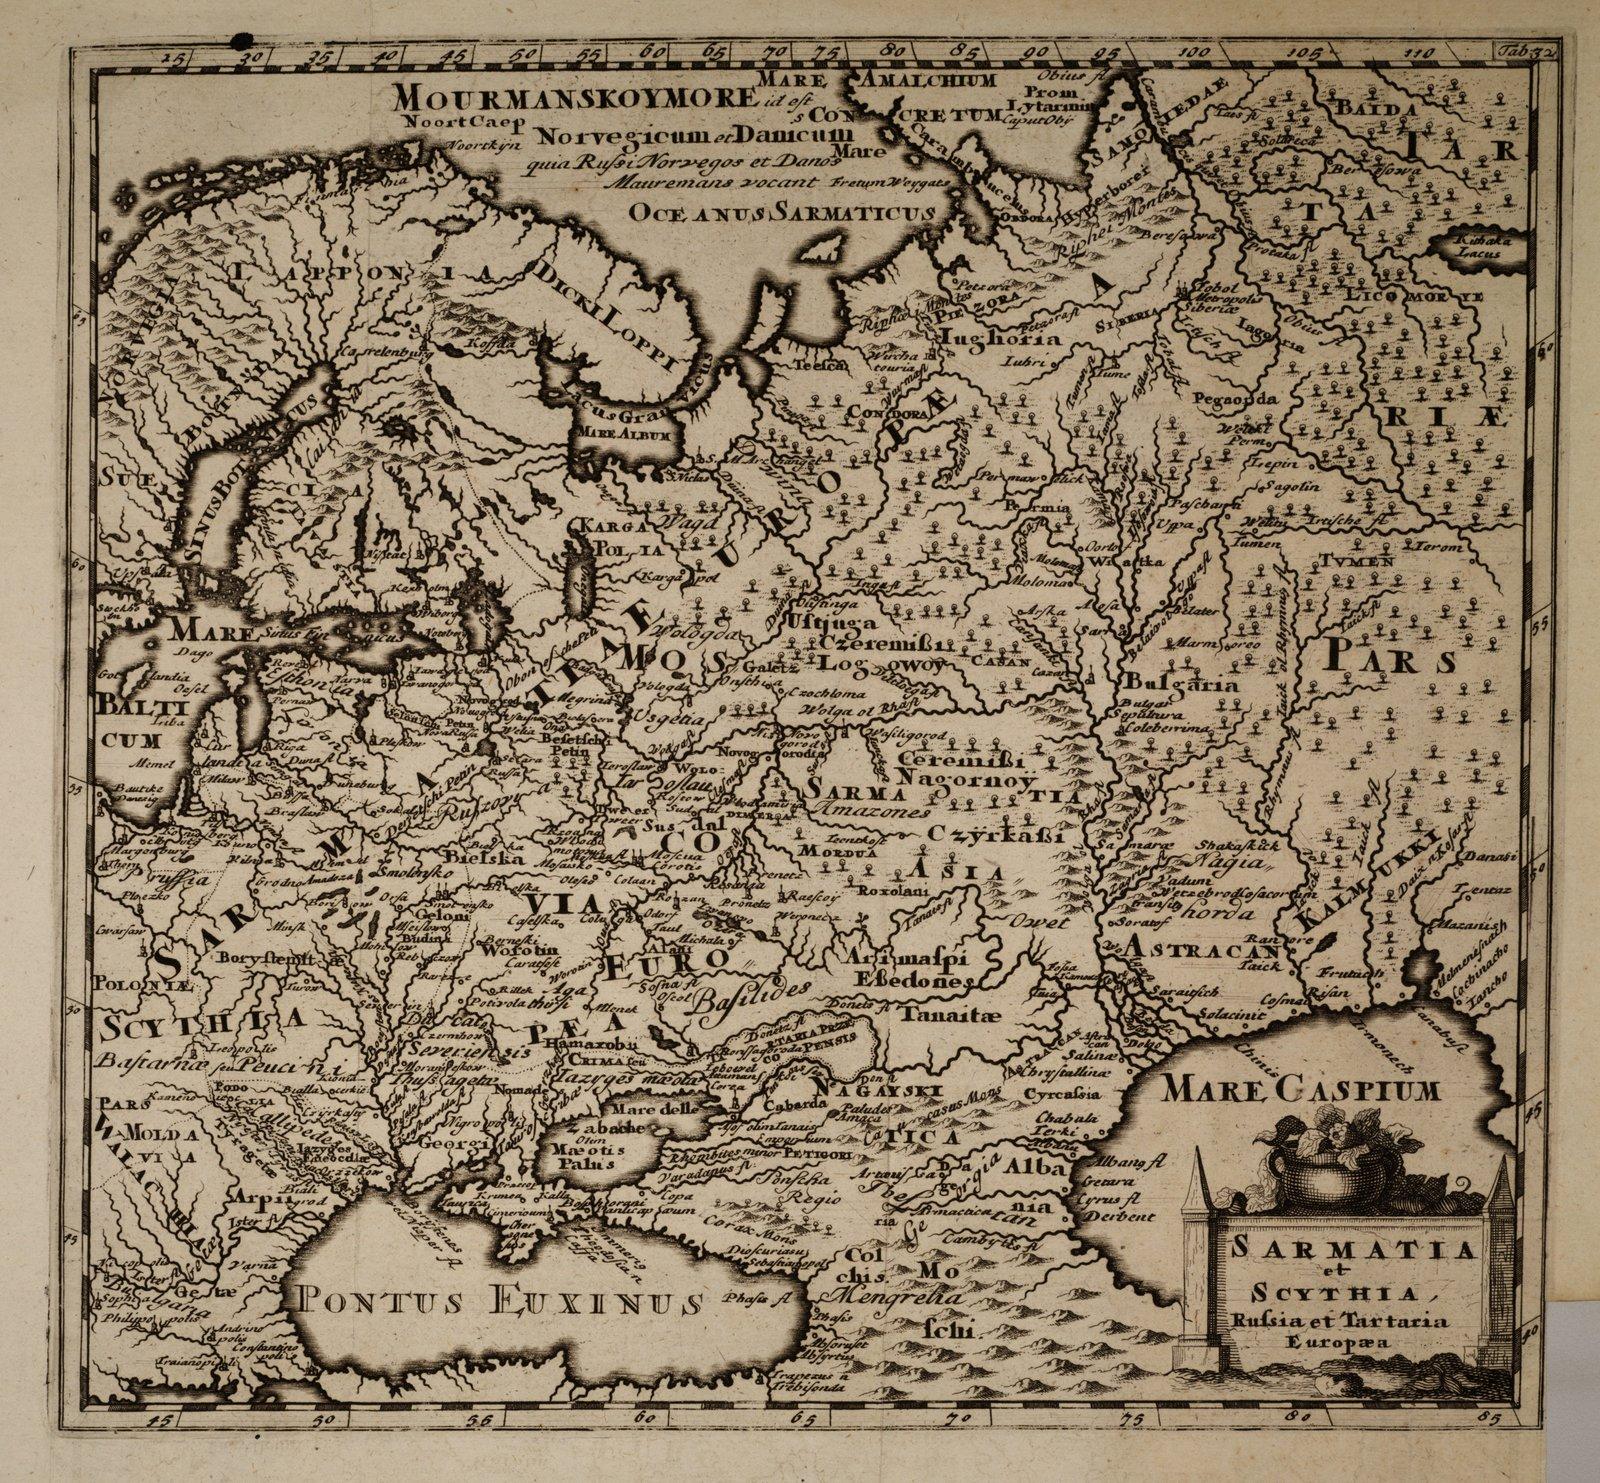 Sarmatia et Scythia, Russia et Tartarta Europaea Mapa zXVII w. Źródło: Sarmatia et Scythia, Russia et Tartarta Europaea, XVII w., domena publiczna.